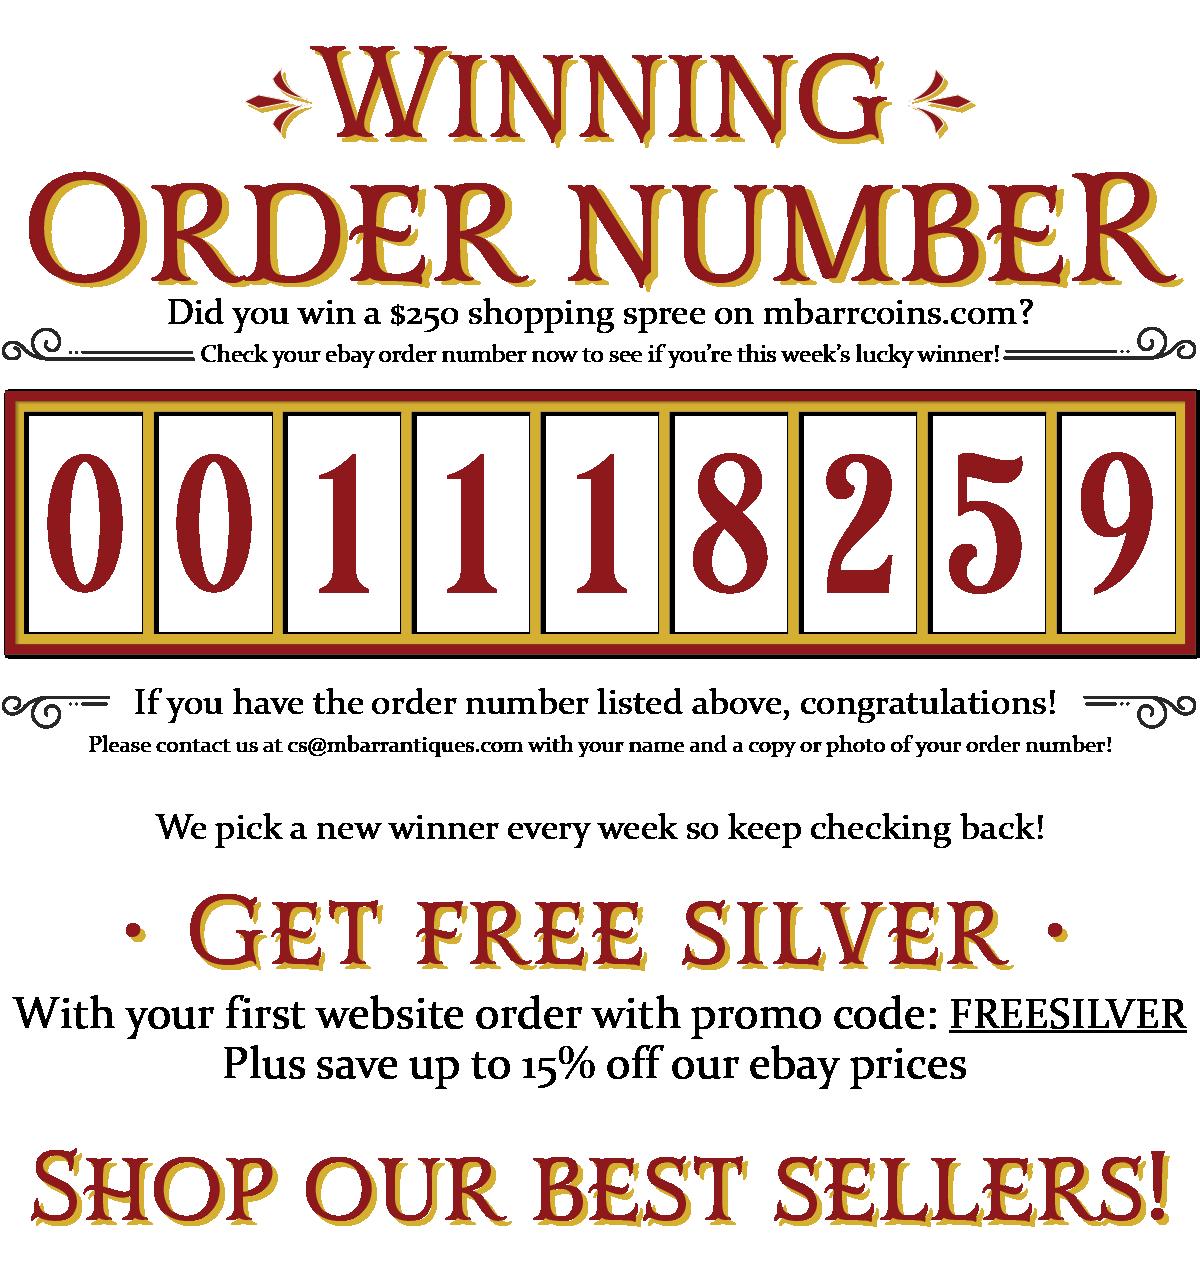 ebay-wining-order-number-07-10-20-01.png